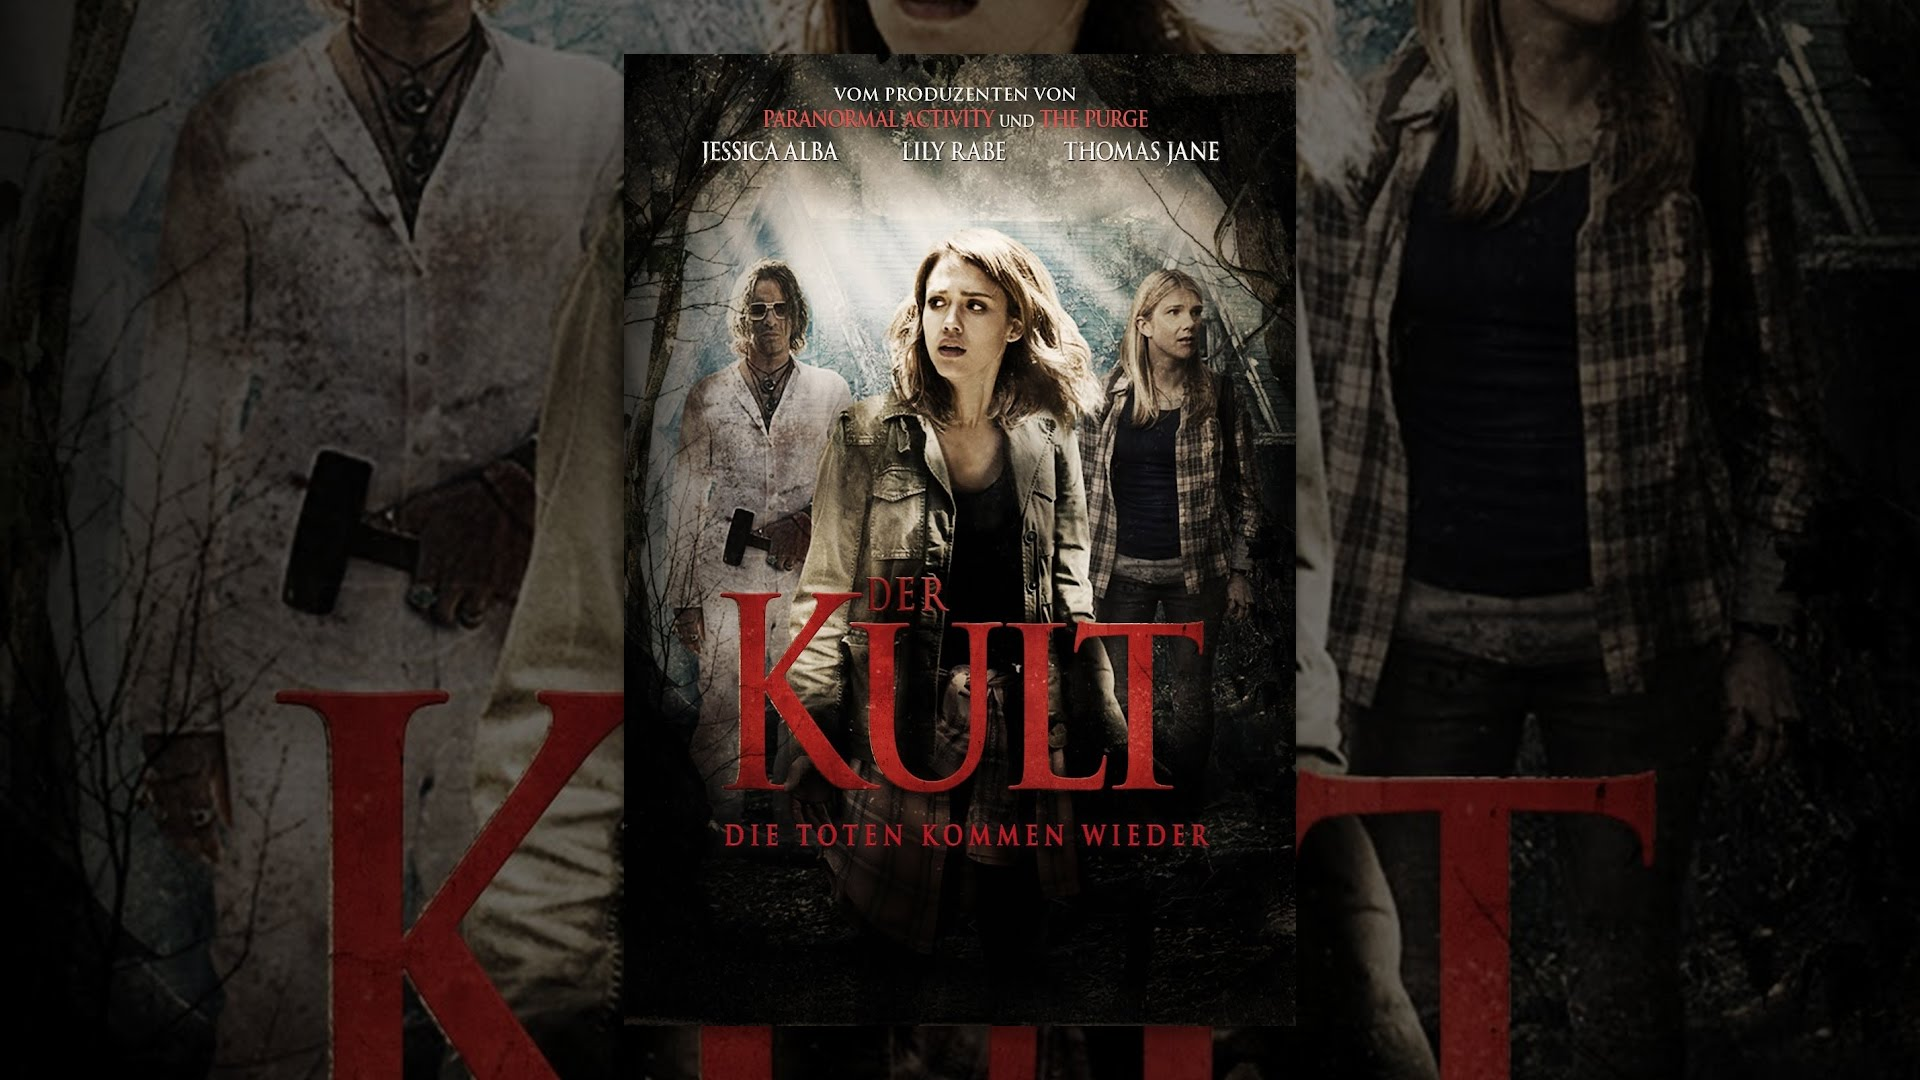 Der Kult Die Toten Kommen Wieder Trailer